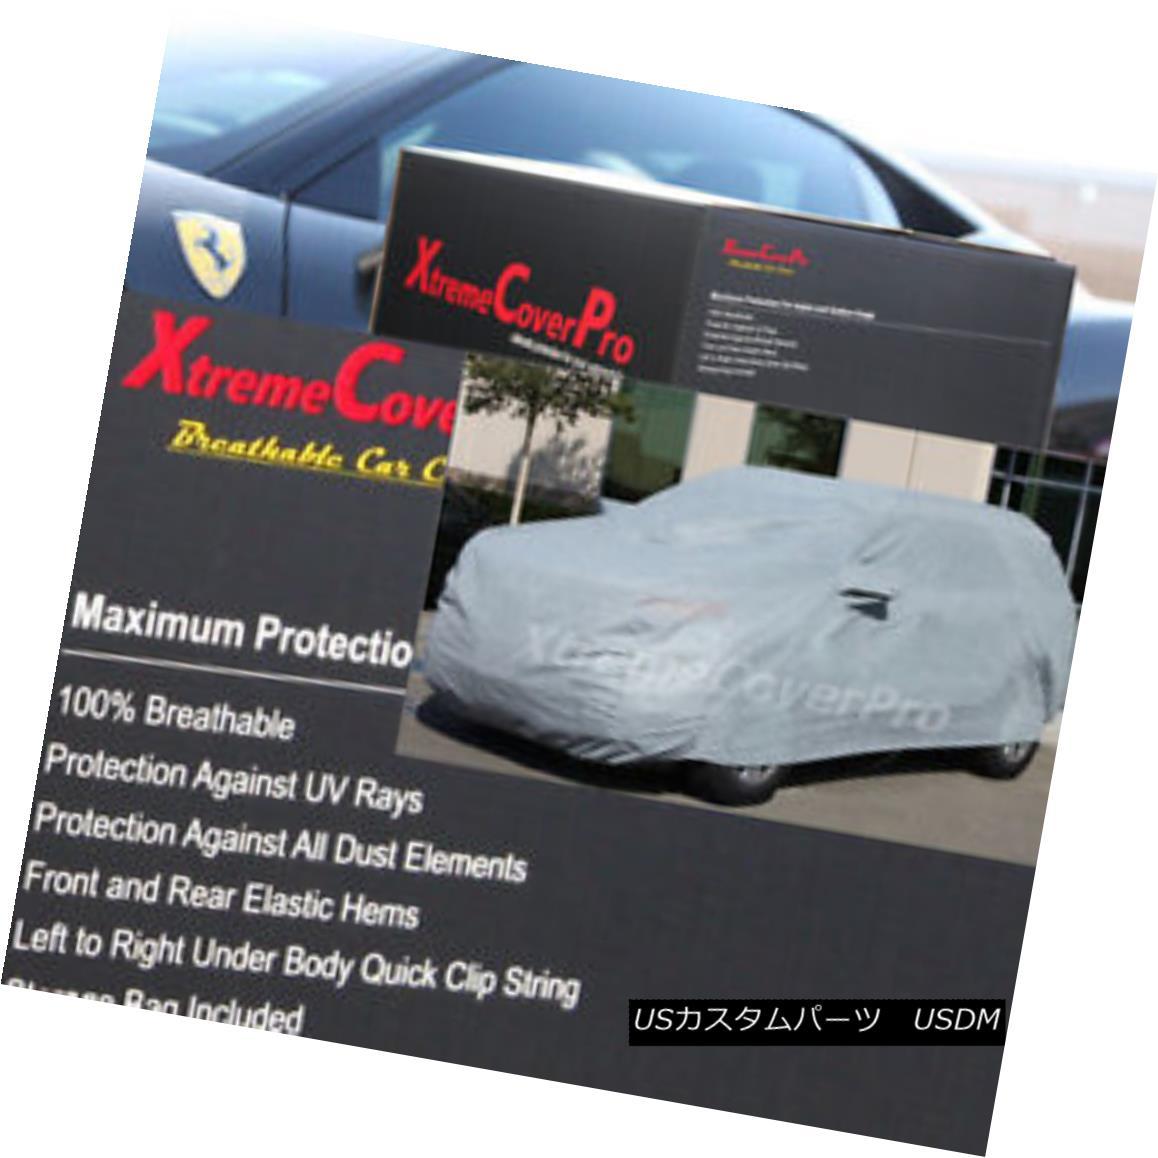 カーカバー 2016 LEXUS NX200T NX300H BREATHABLE CAR COVER W/MIRROR POCKET - GREY 2016レクサスNX200T NX300H走行可能な車カバー付き/ミラーポケット - グレー